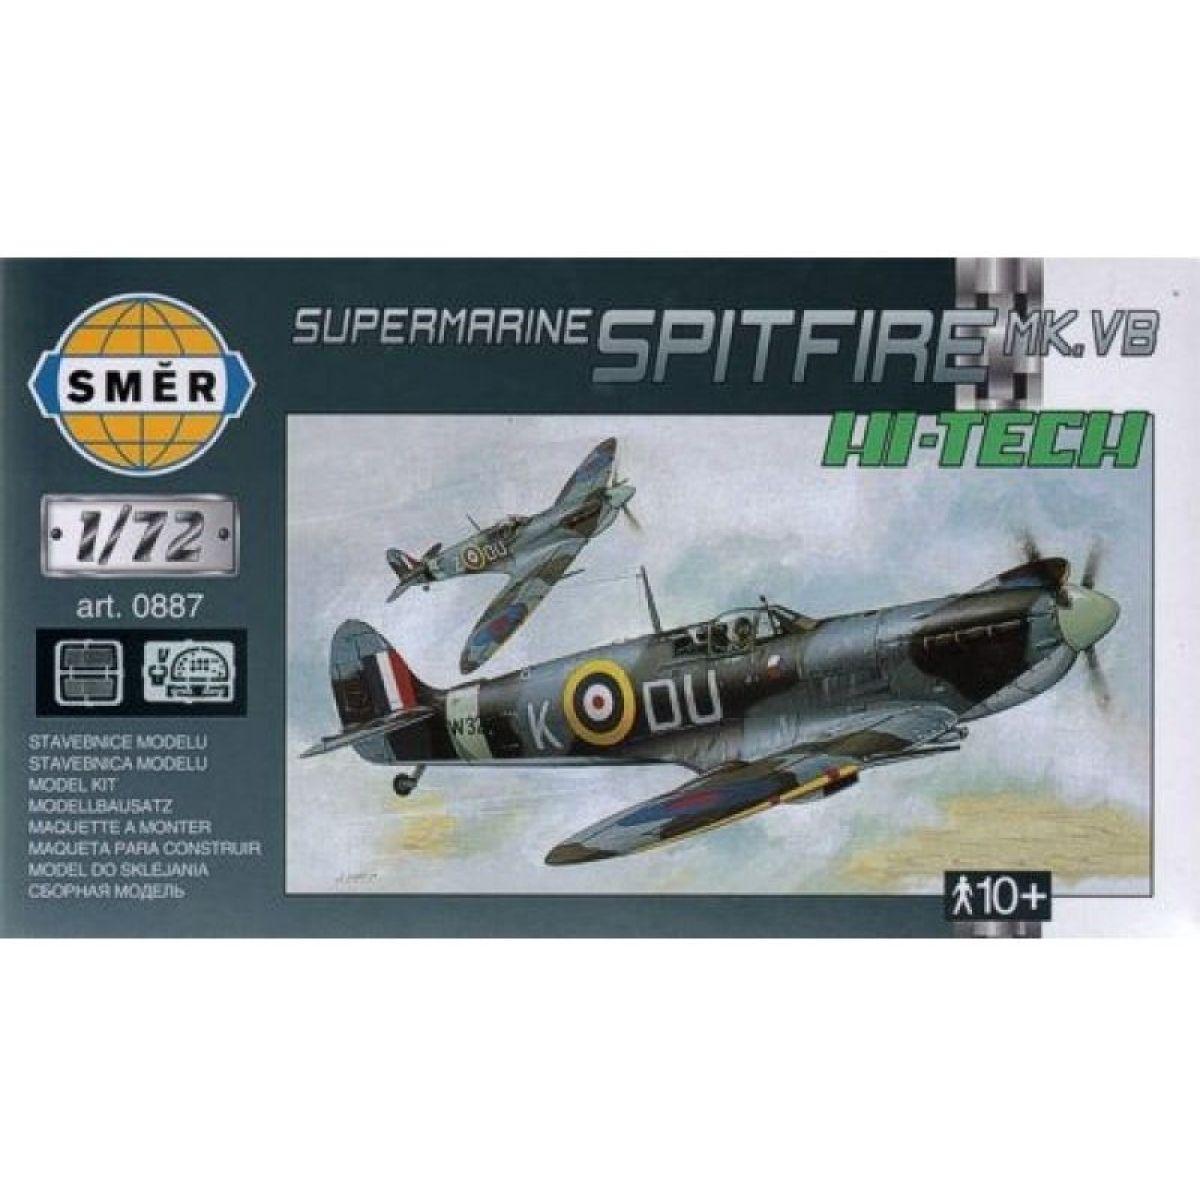 Smer Model Supermarine Spitfire Mk.Vb HI TECH 1:72